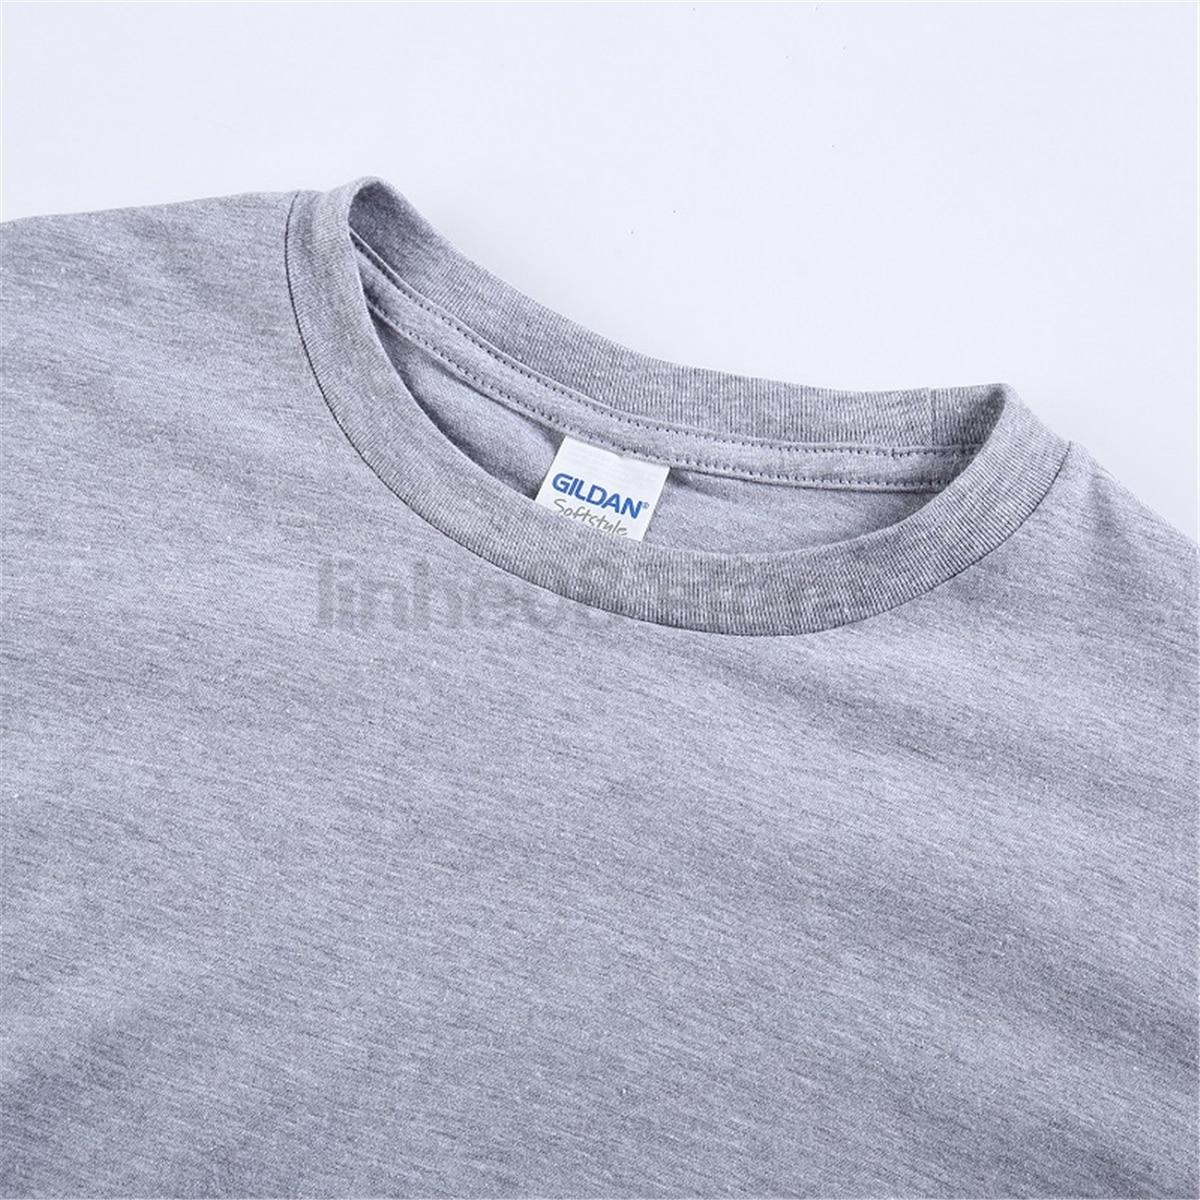 Возьмите ACL алгоритм для кормления и EMS футболка Для женщин футболка